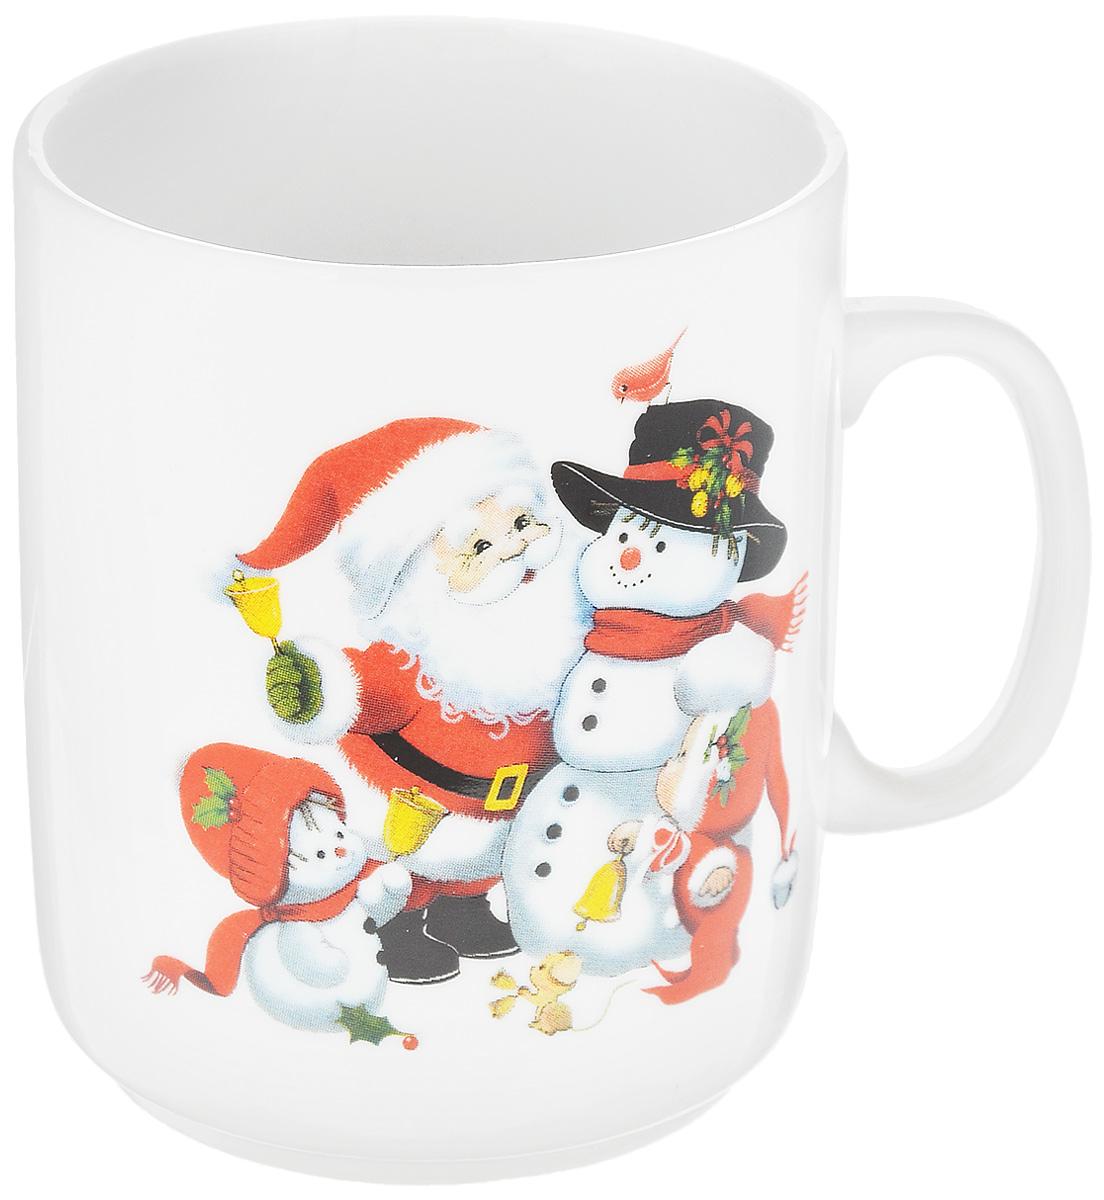 Кружка Фарфор Вербилок Дед Мороз, 300 мл9272120Кружка Фарфор Вербилок Дед Мороз способна скрасить любое чаепитие. Изделие выполнено из высококачественного фарфора. Посуда из такого материала позволяет сохранить истинный вкус напитка, а также помогает ему дольше оставаться теплым. Диаметр по верхнему краю: 7,5 см. Высота кружки: 10 см.